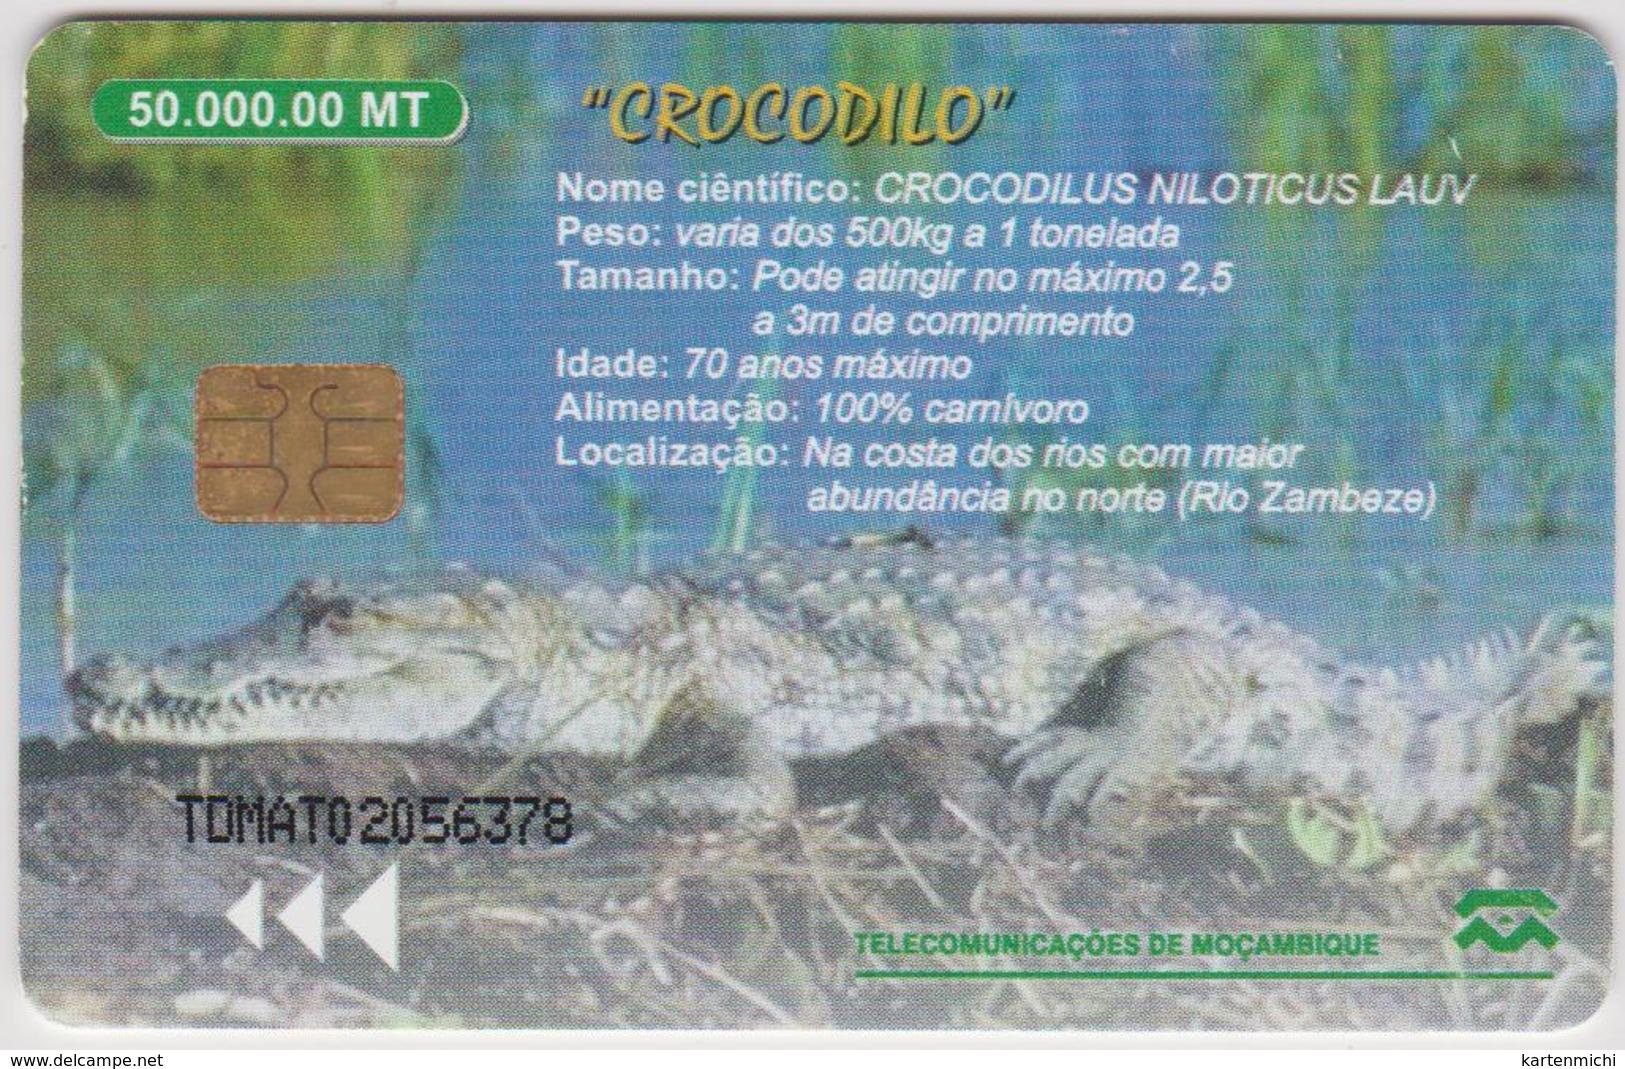 MOCAMBIQUE - Moçambique